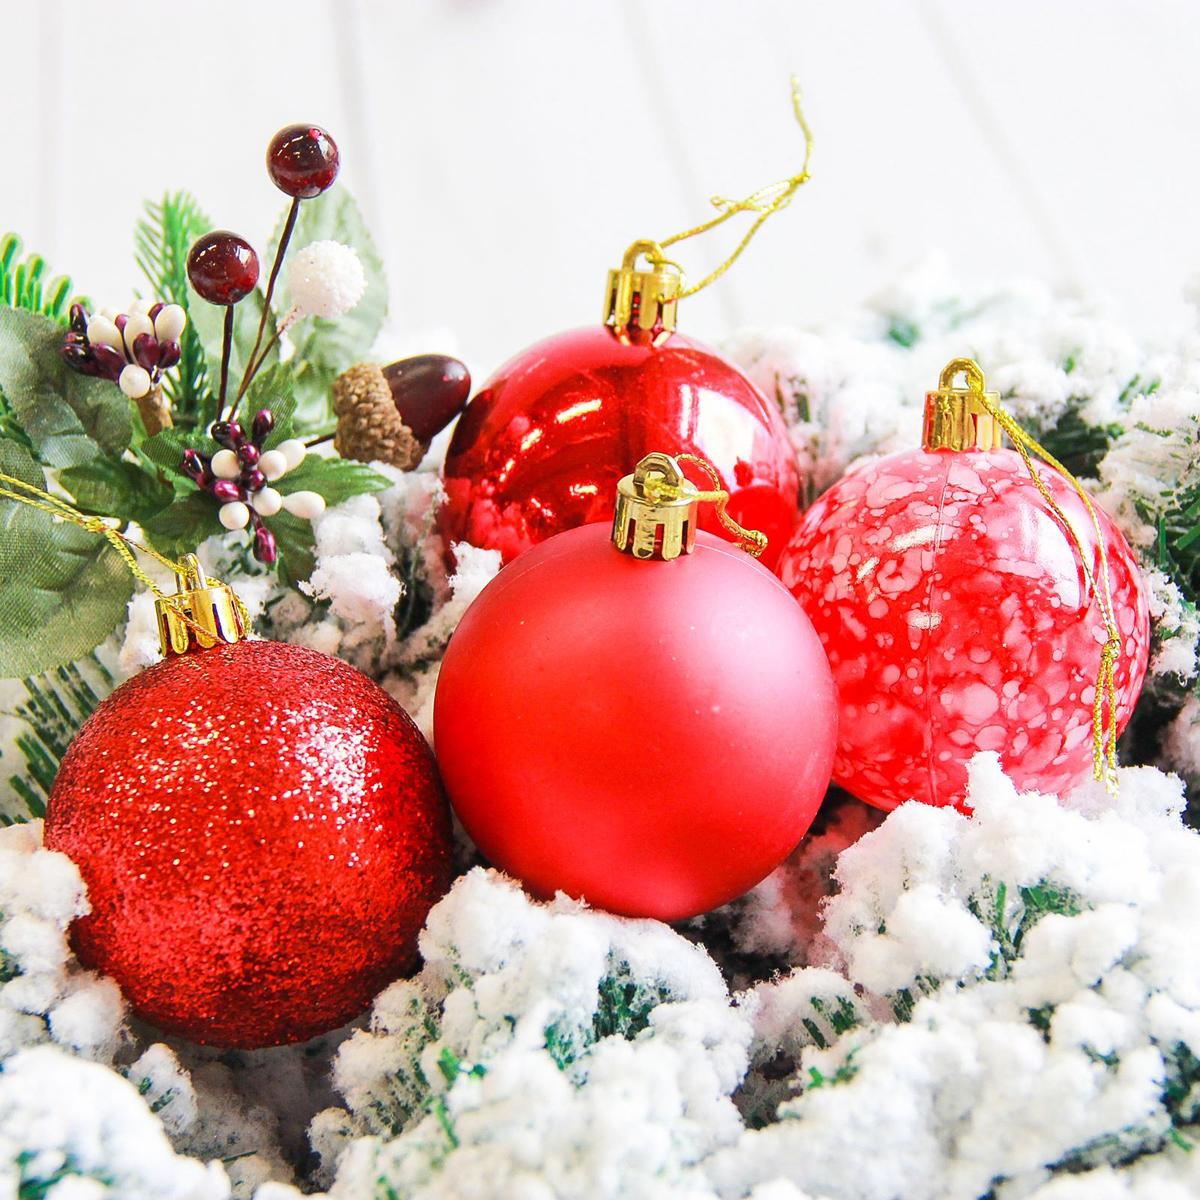 Набор новогодних подвесных украшений Sima-land Фрэско, цвет: красный, диаметр 6 см, 16 шт свеча ароматизированная sima land лимон на подставке высота 6 см